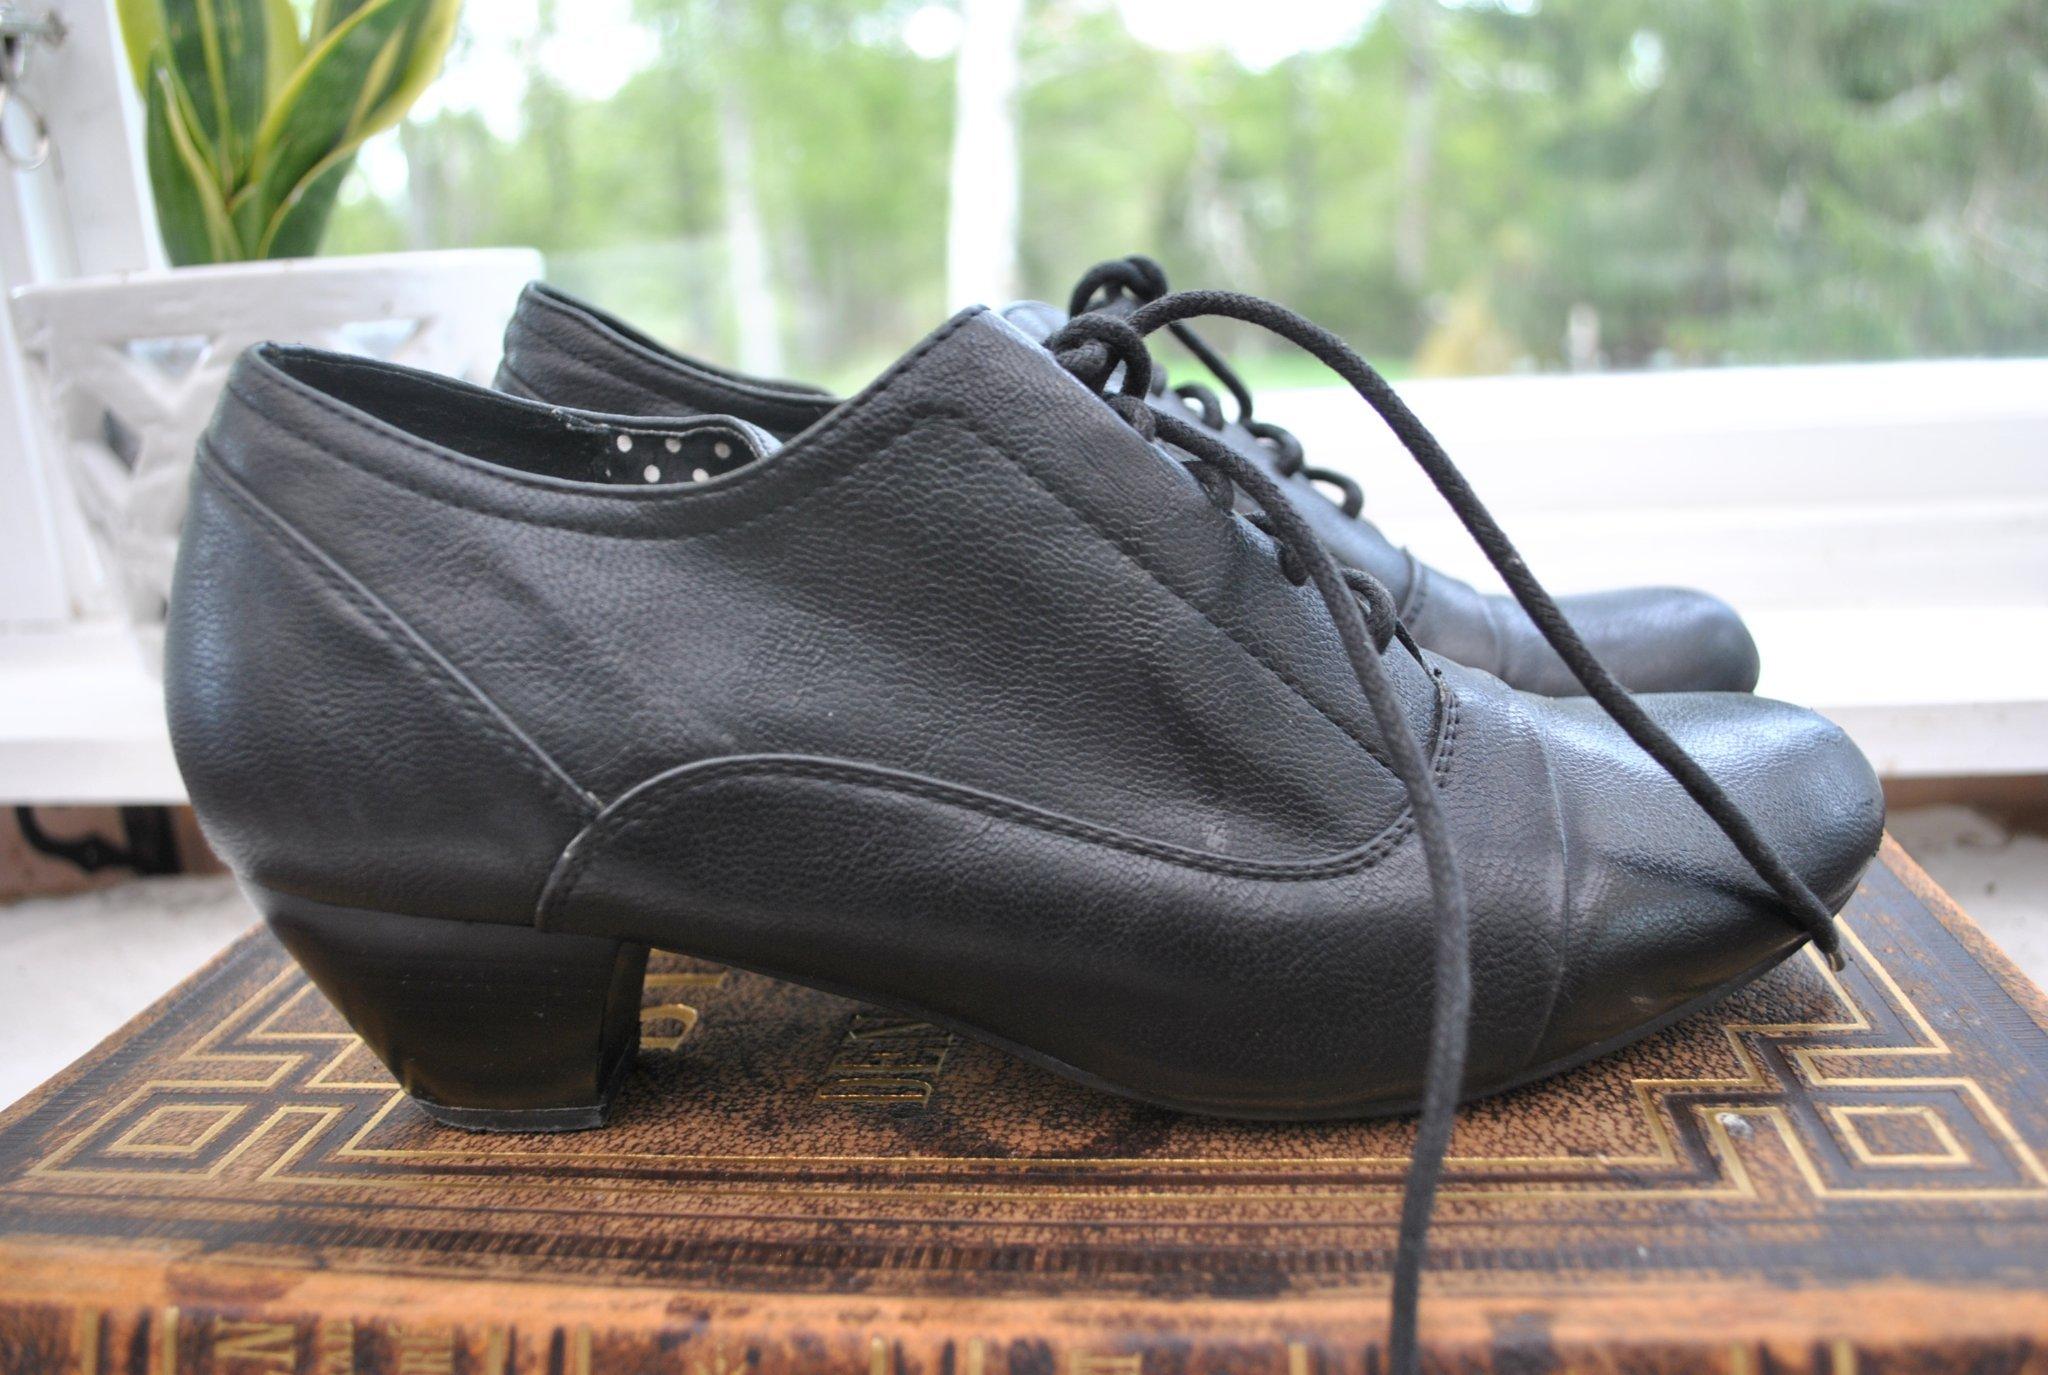 Tidlösa GG sköna skor att gå i med liten klack strl 40 med diskreta detaljer